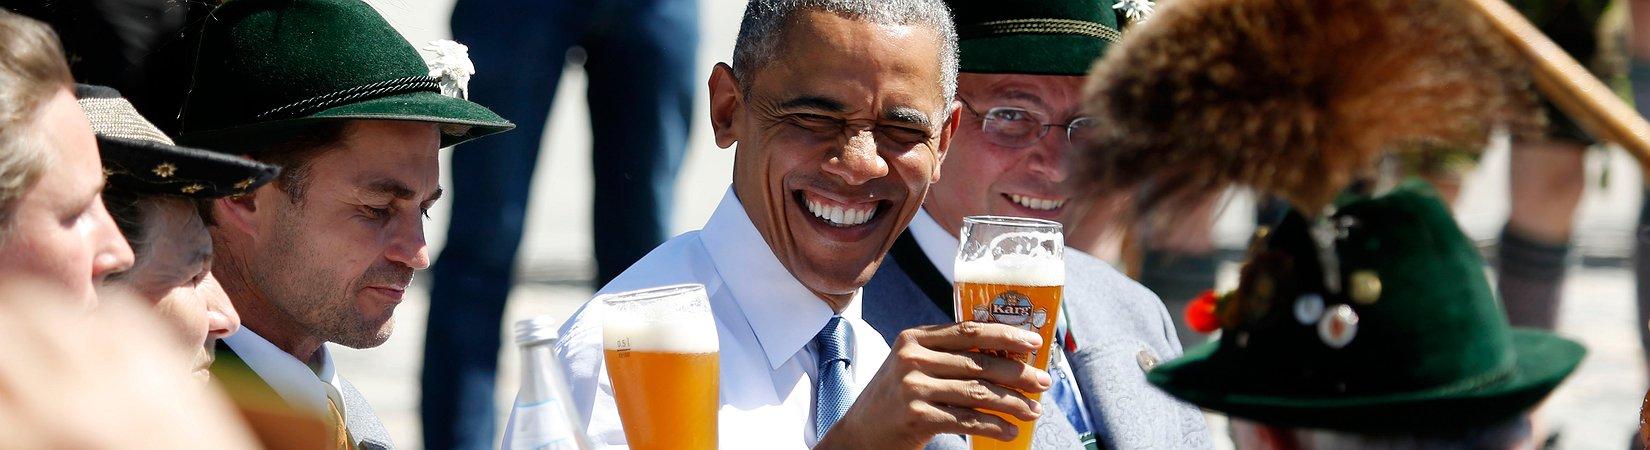 Deutschen Landwirt lässt Bier mit Obama kalt